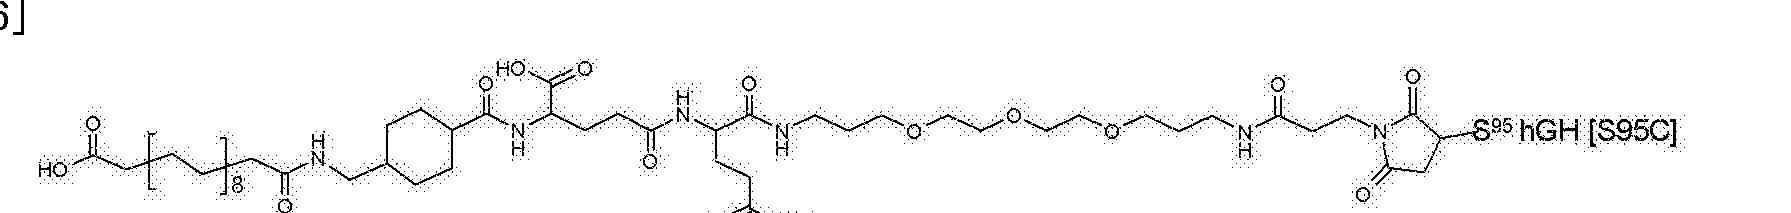 Figure CN103002918BD01326